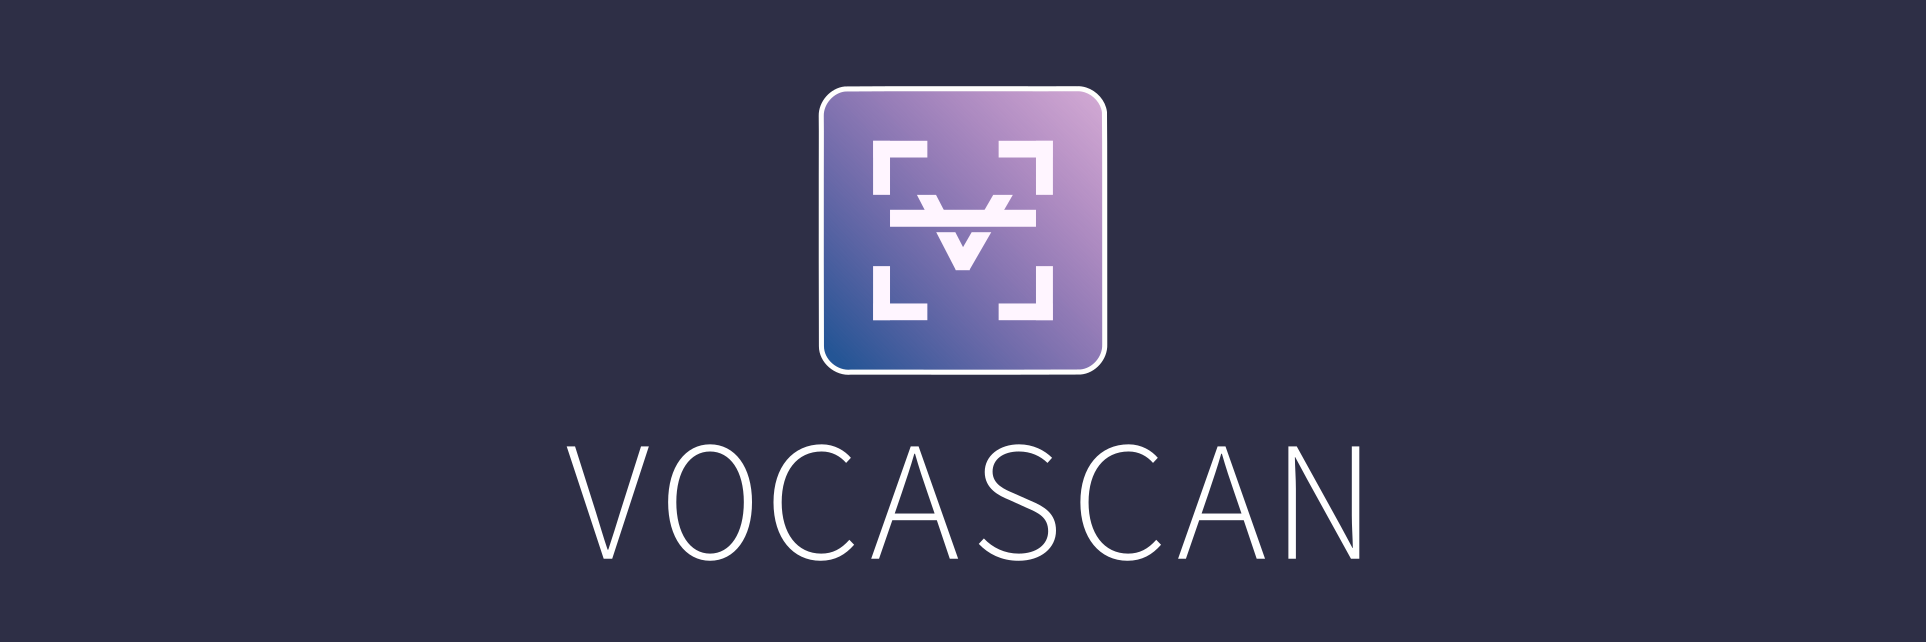 Vocascan banner